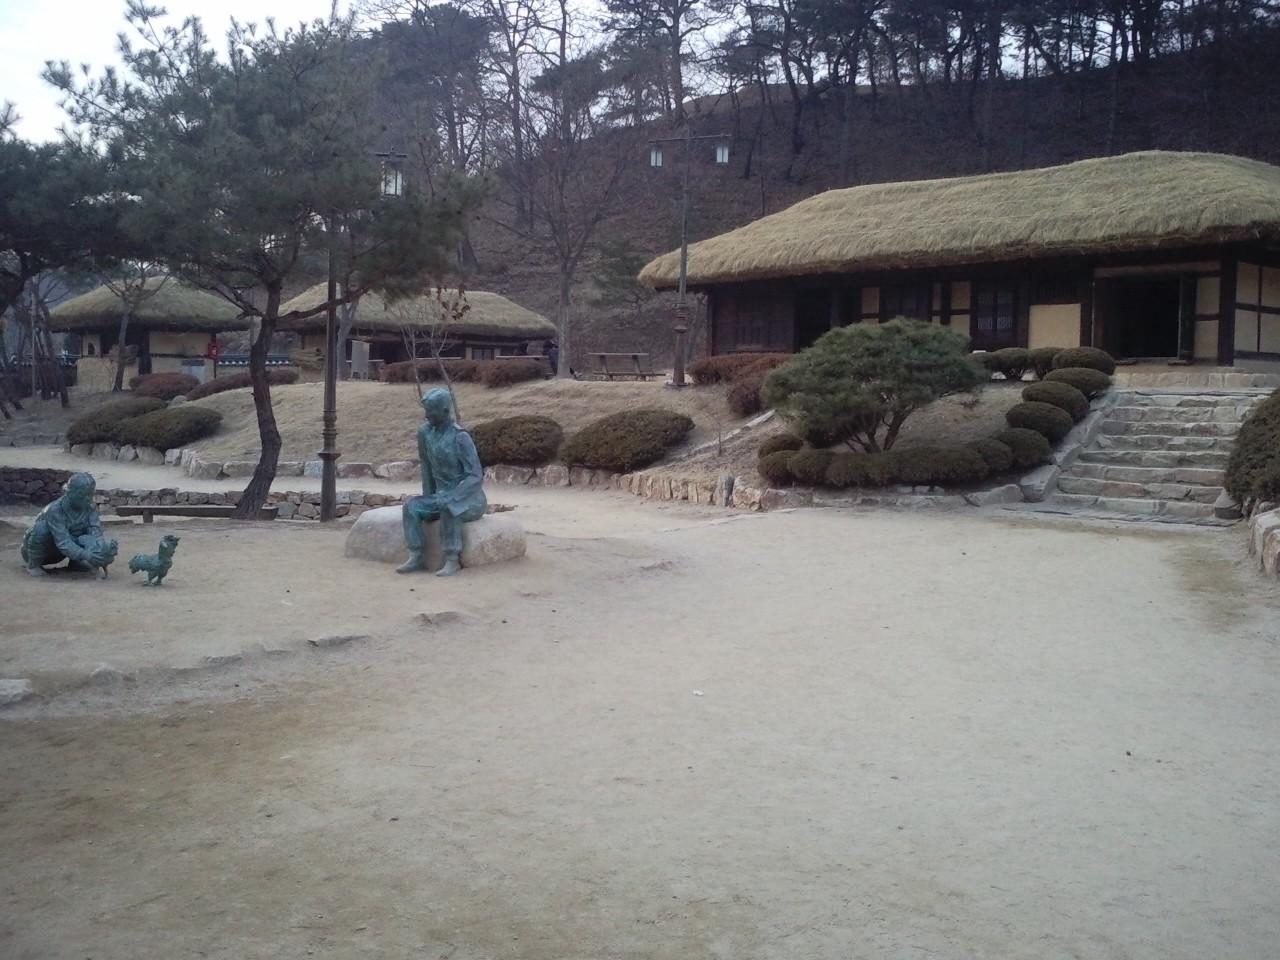 김유정문학촌의 모습. 걸어서 10분 정도면 책과인쇄박물관으로 간다.